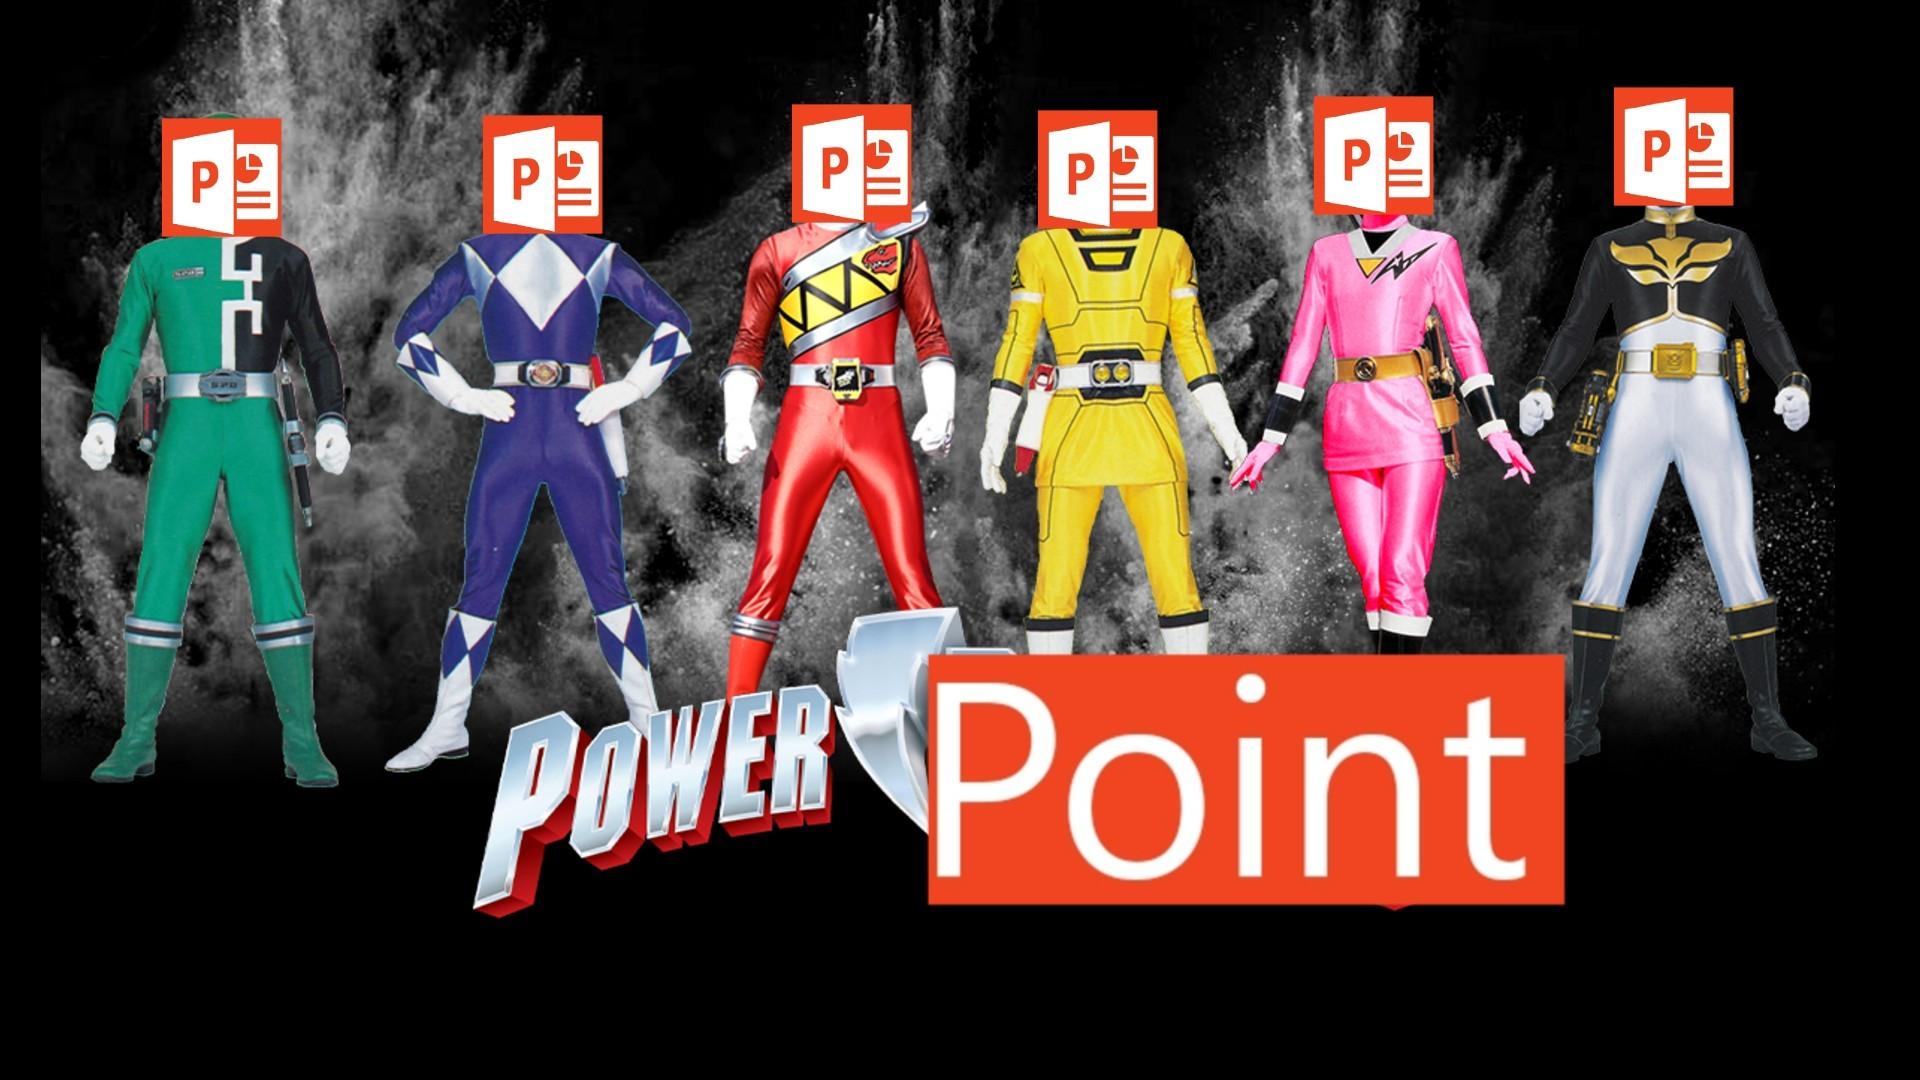 GO GO POWERPOINT!! - meme